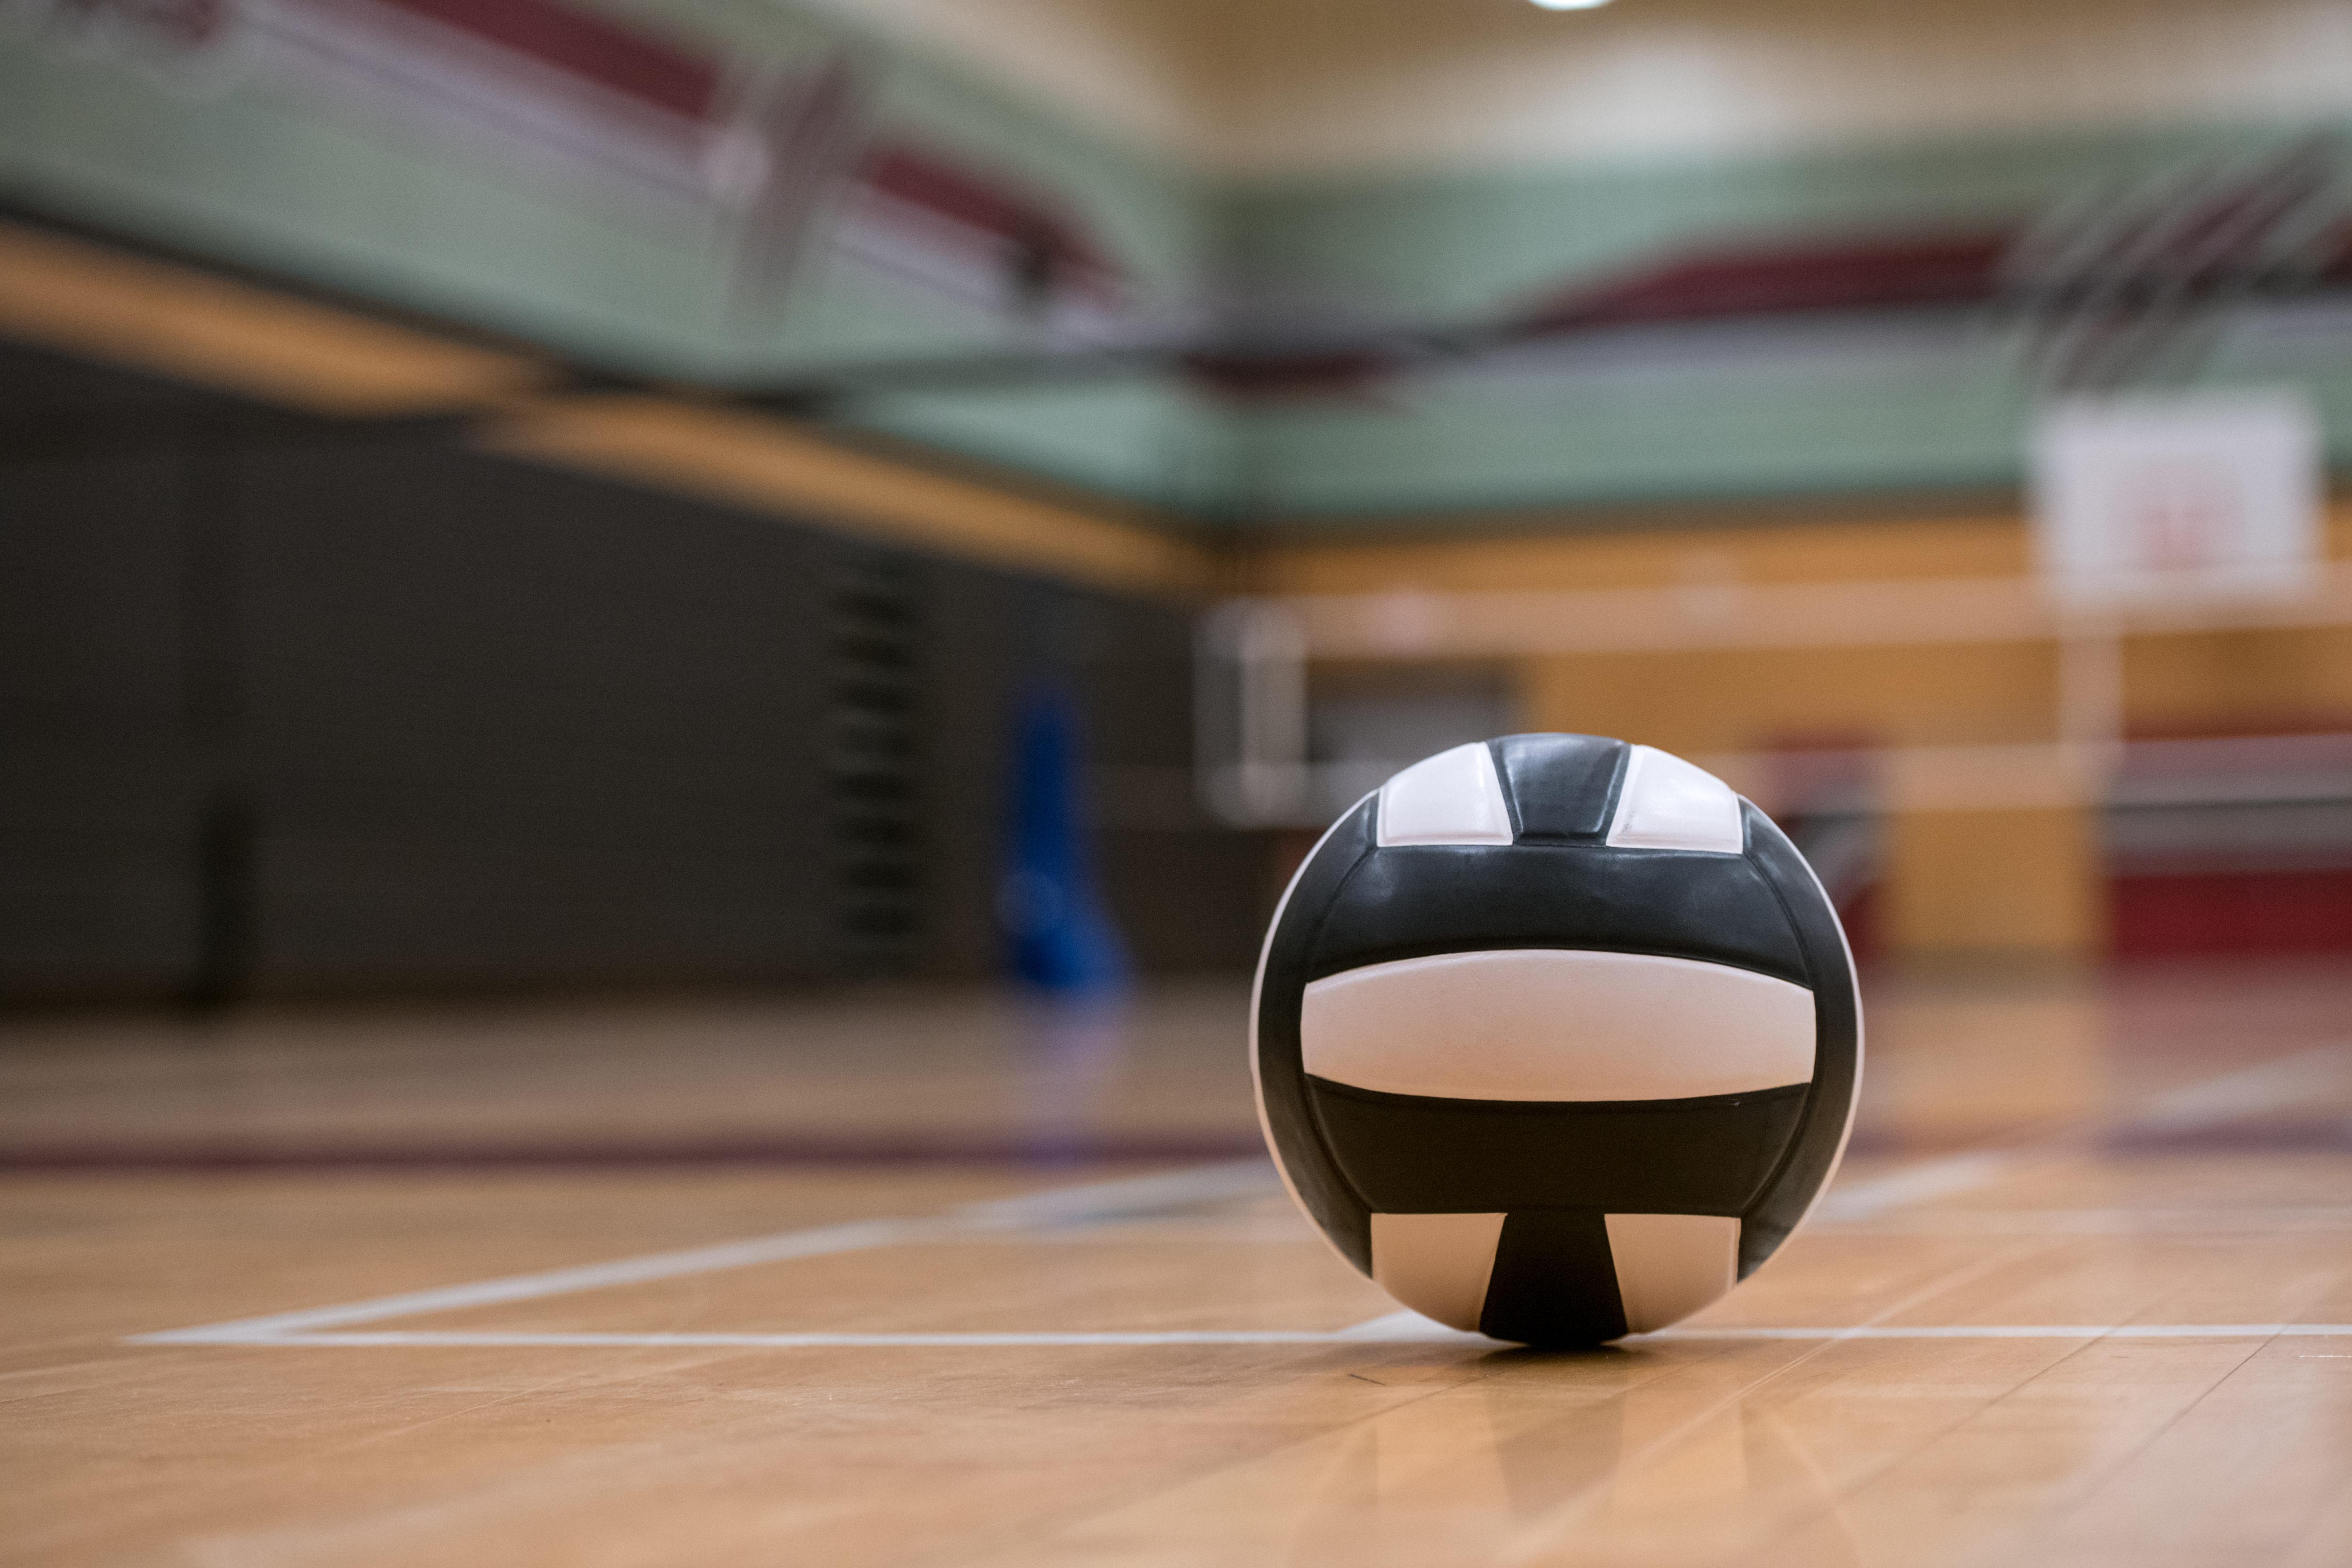 バレーボール、体育館